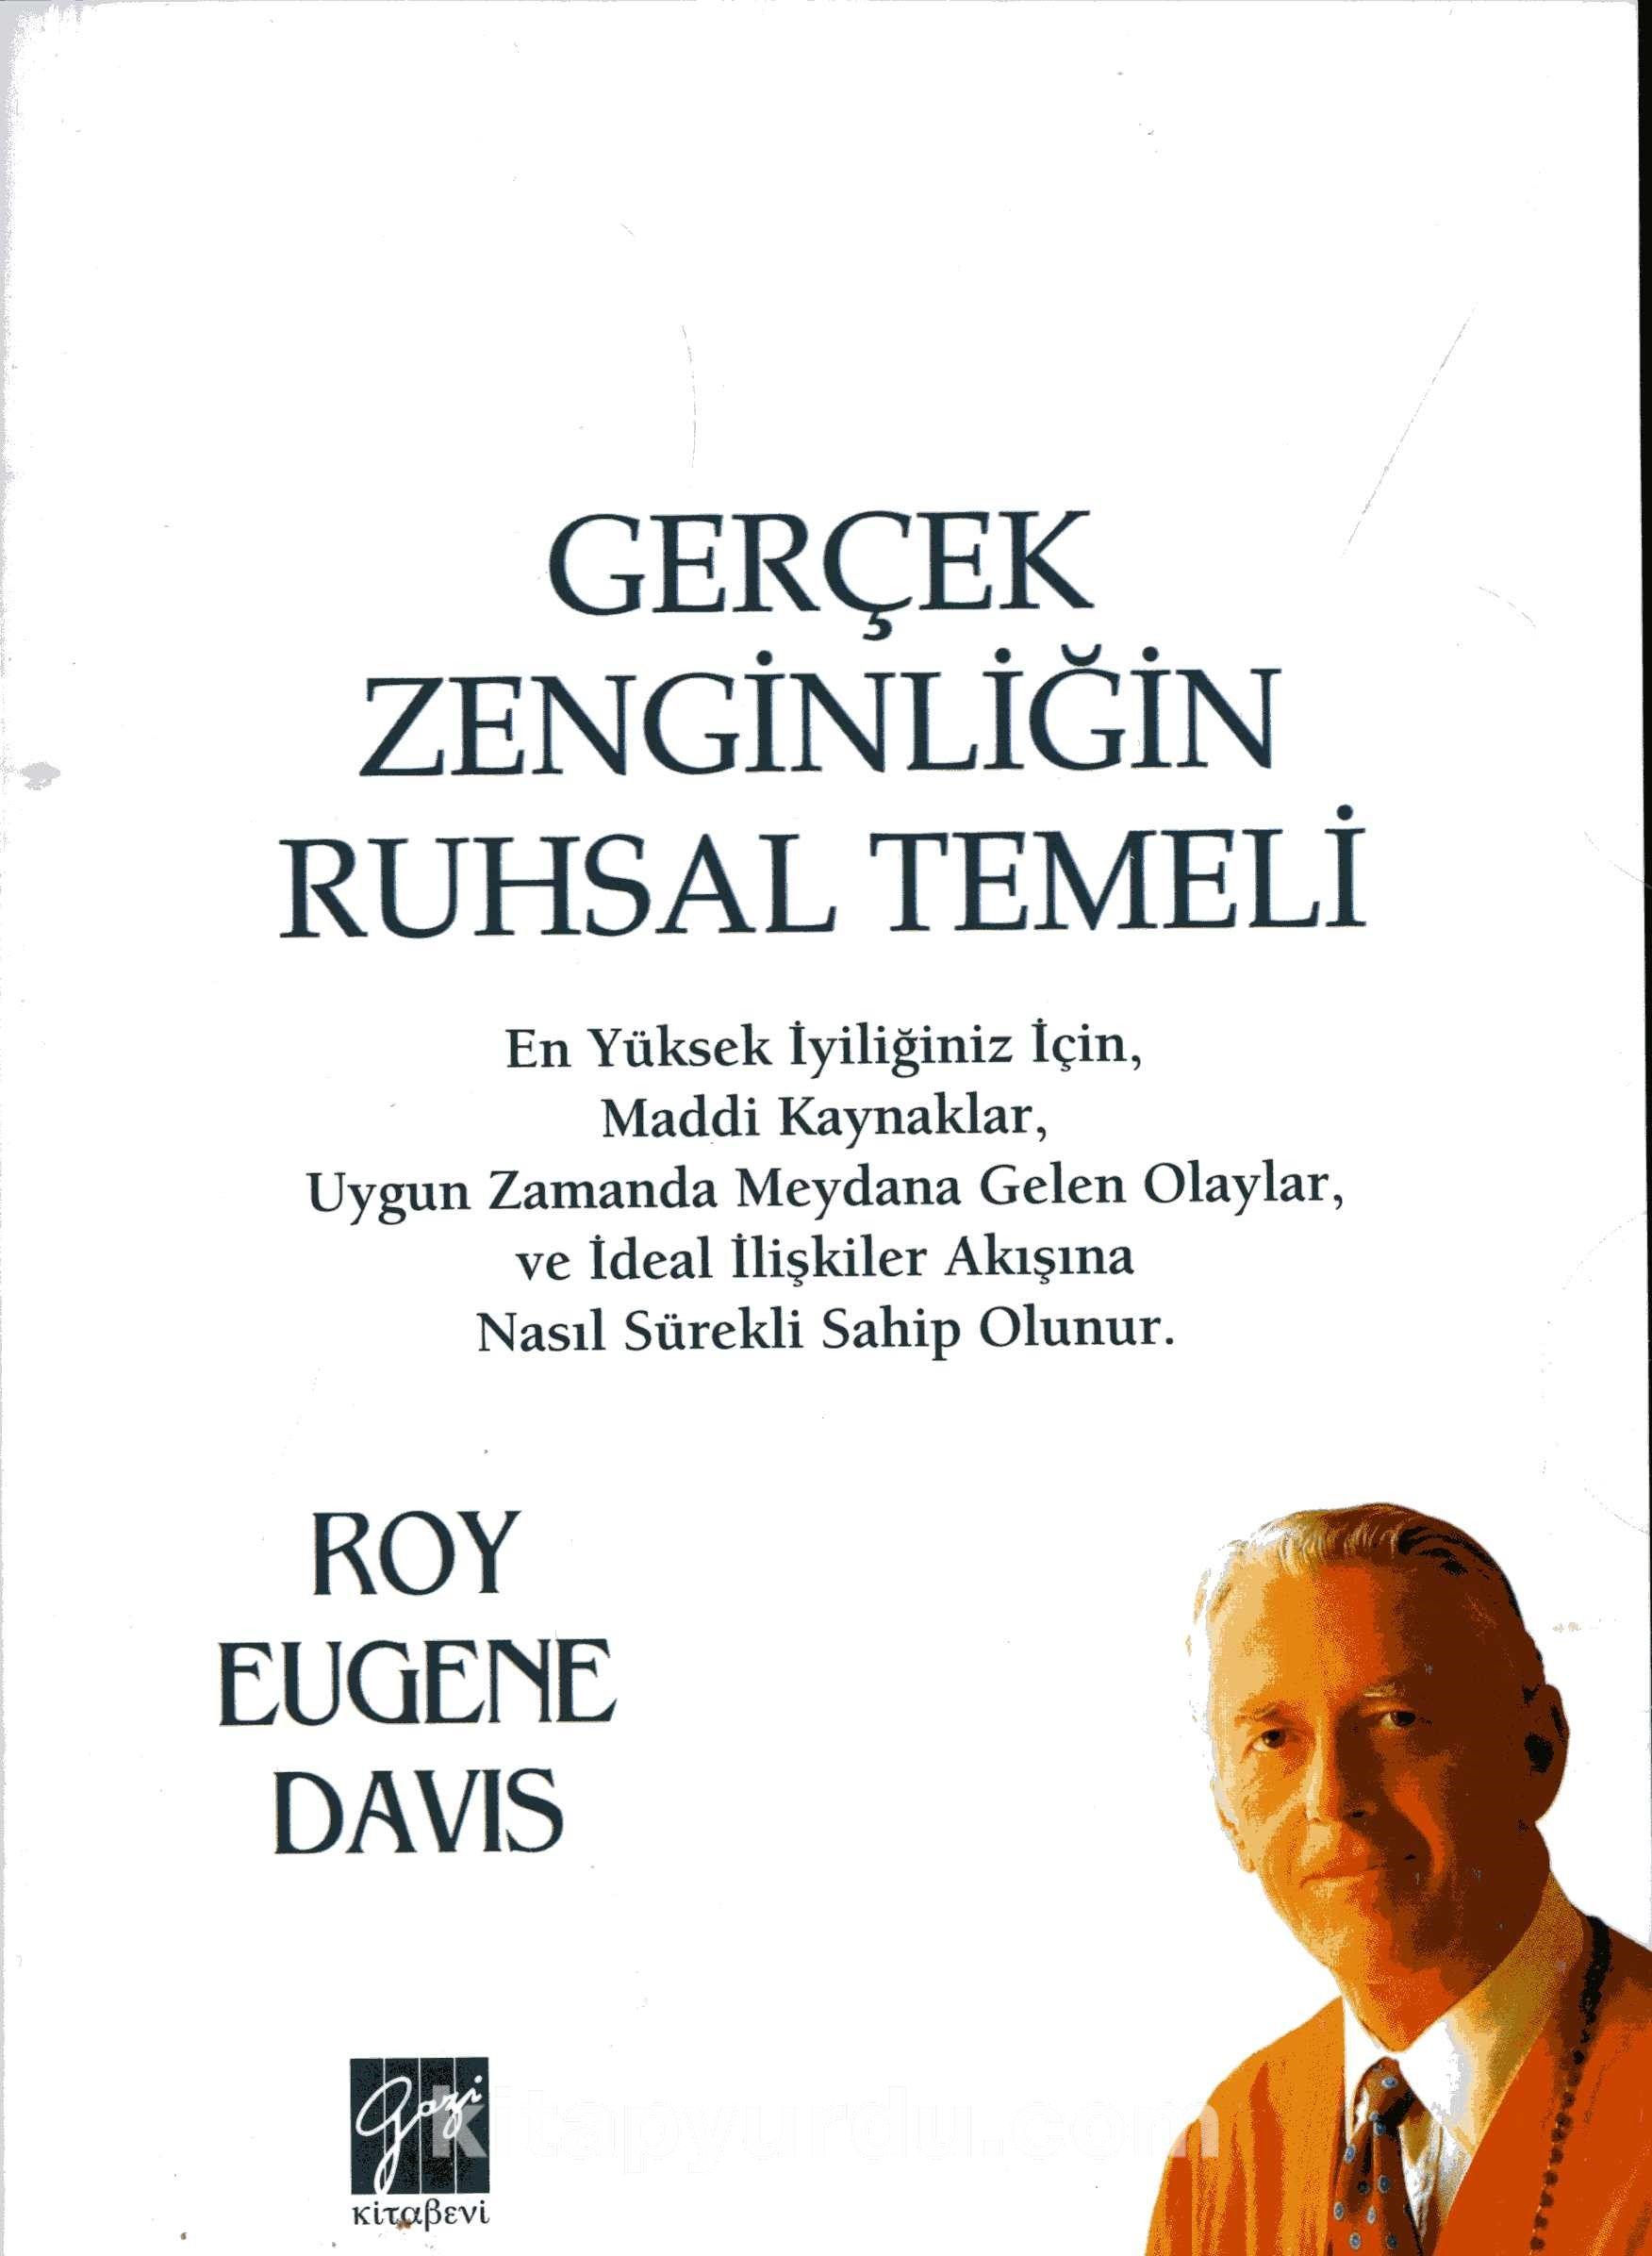 Gerçek Zenginliğin Ruhsal Temeli - Roy Eugene Davis pdf epub